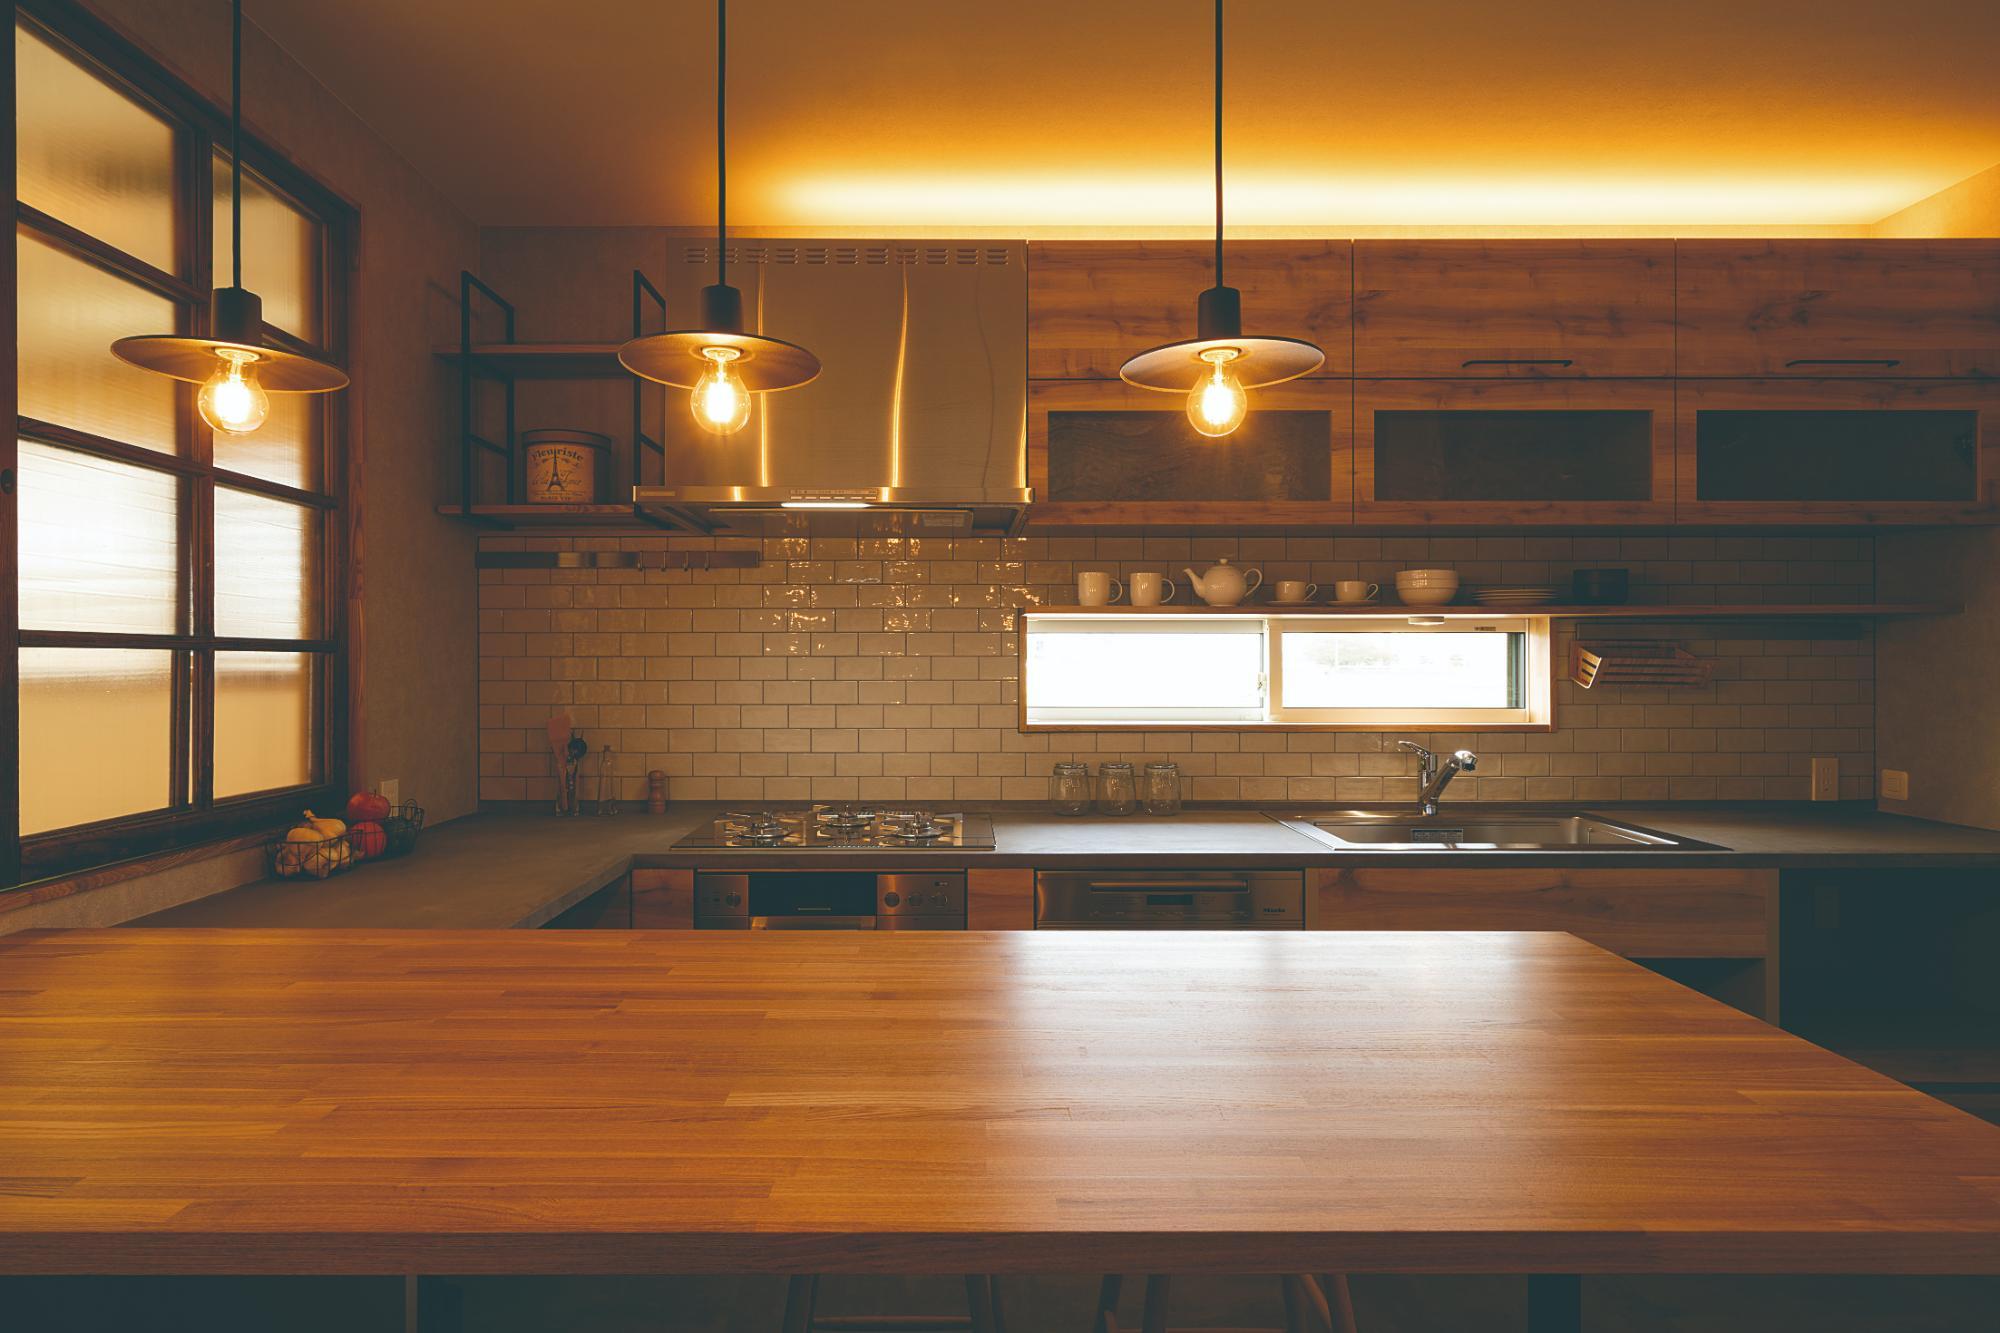 仕切ることで得る開放感、今どきの農家キッチン(DETAIL HOME)